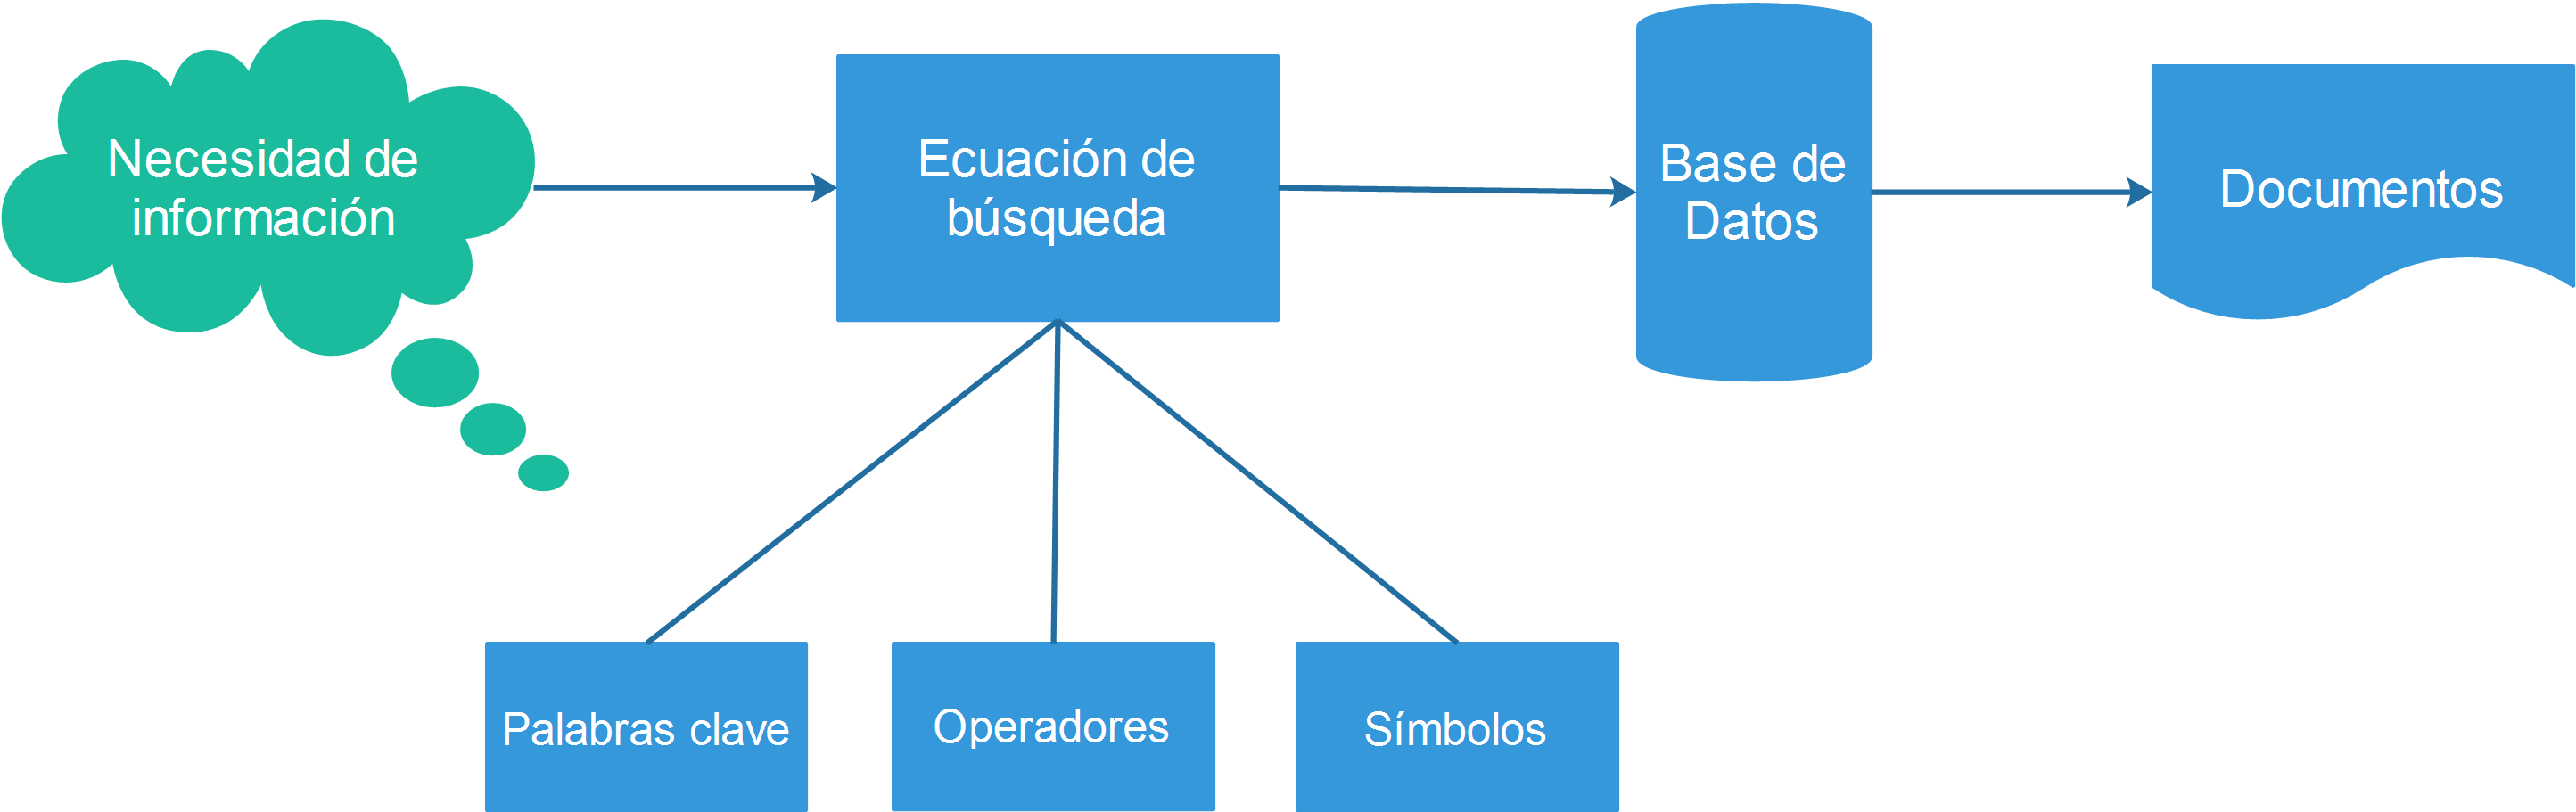 Ecuaciones de búsqueda: qué son y cómo se utilizan en bases de datos ...